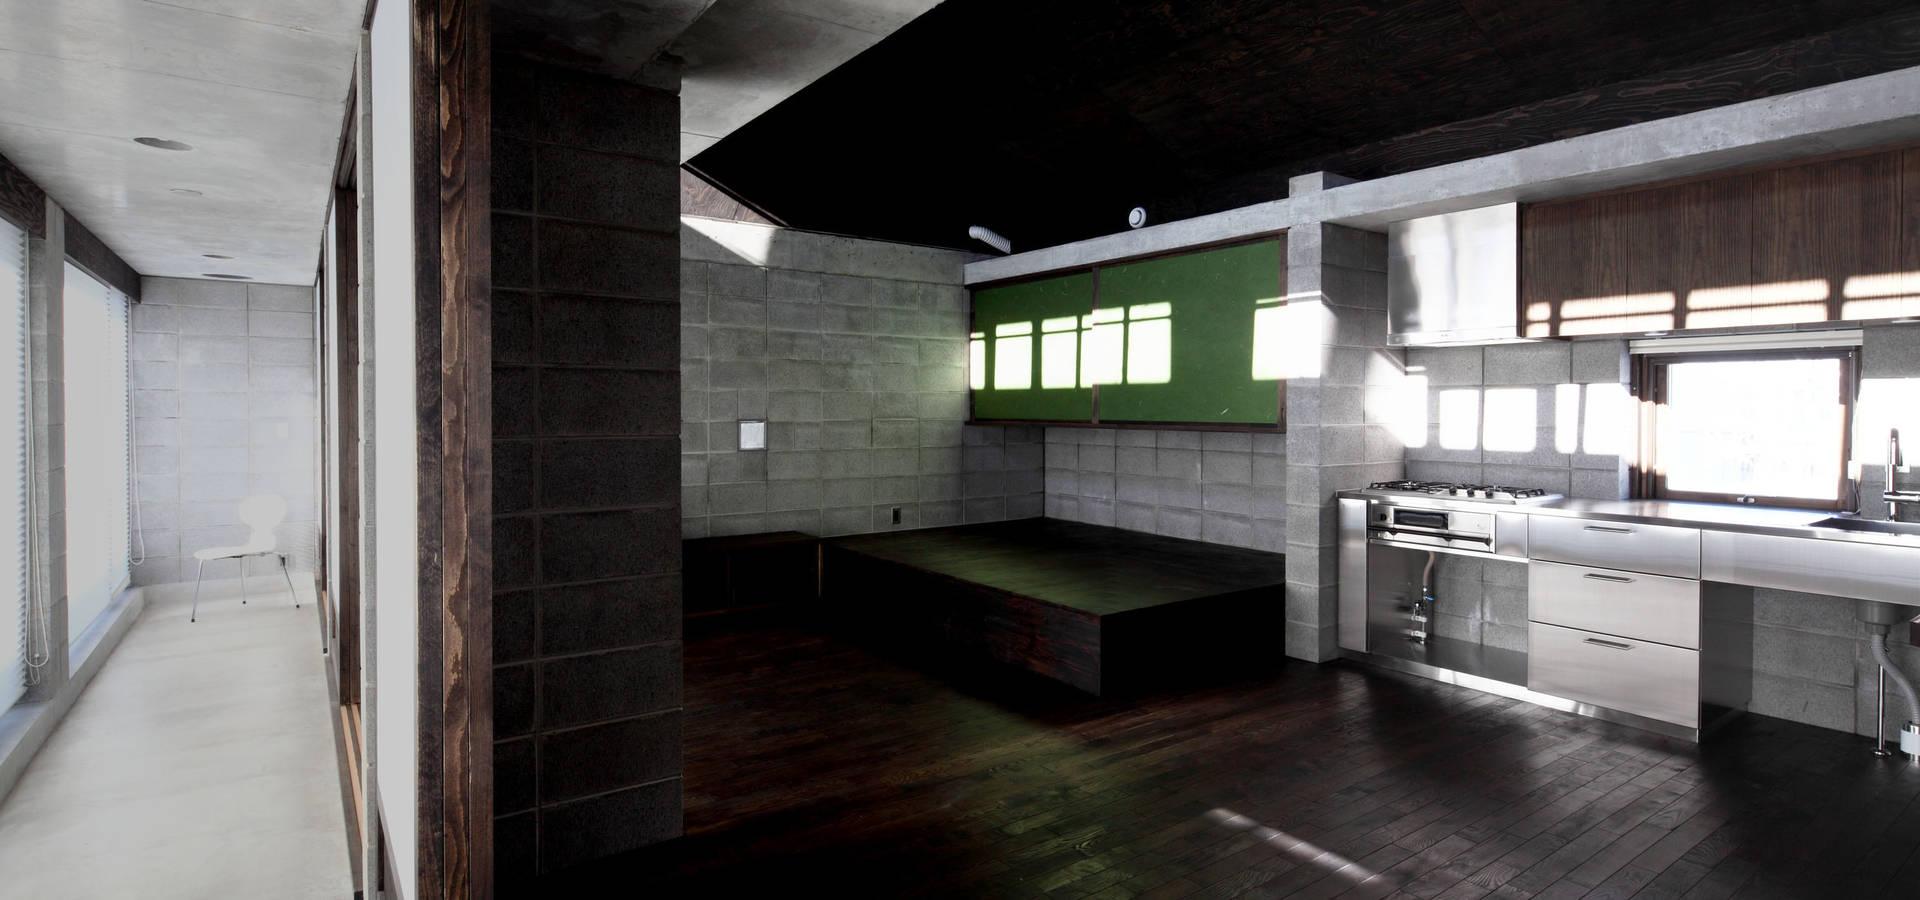 山之内建築研究所